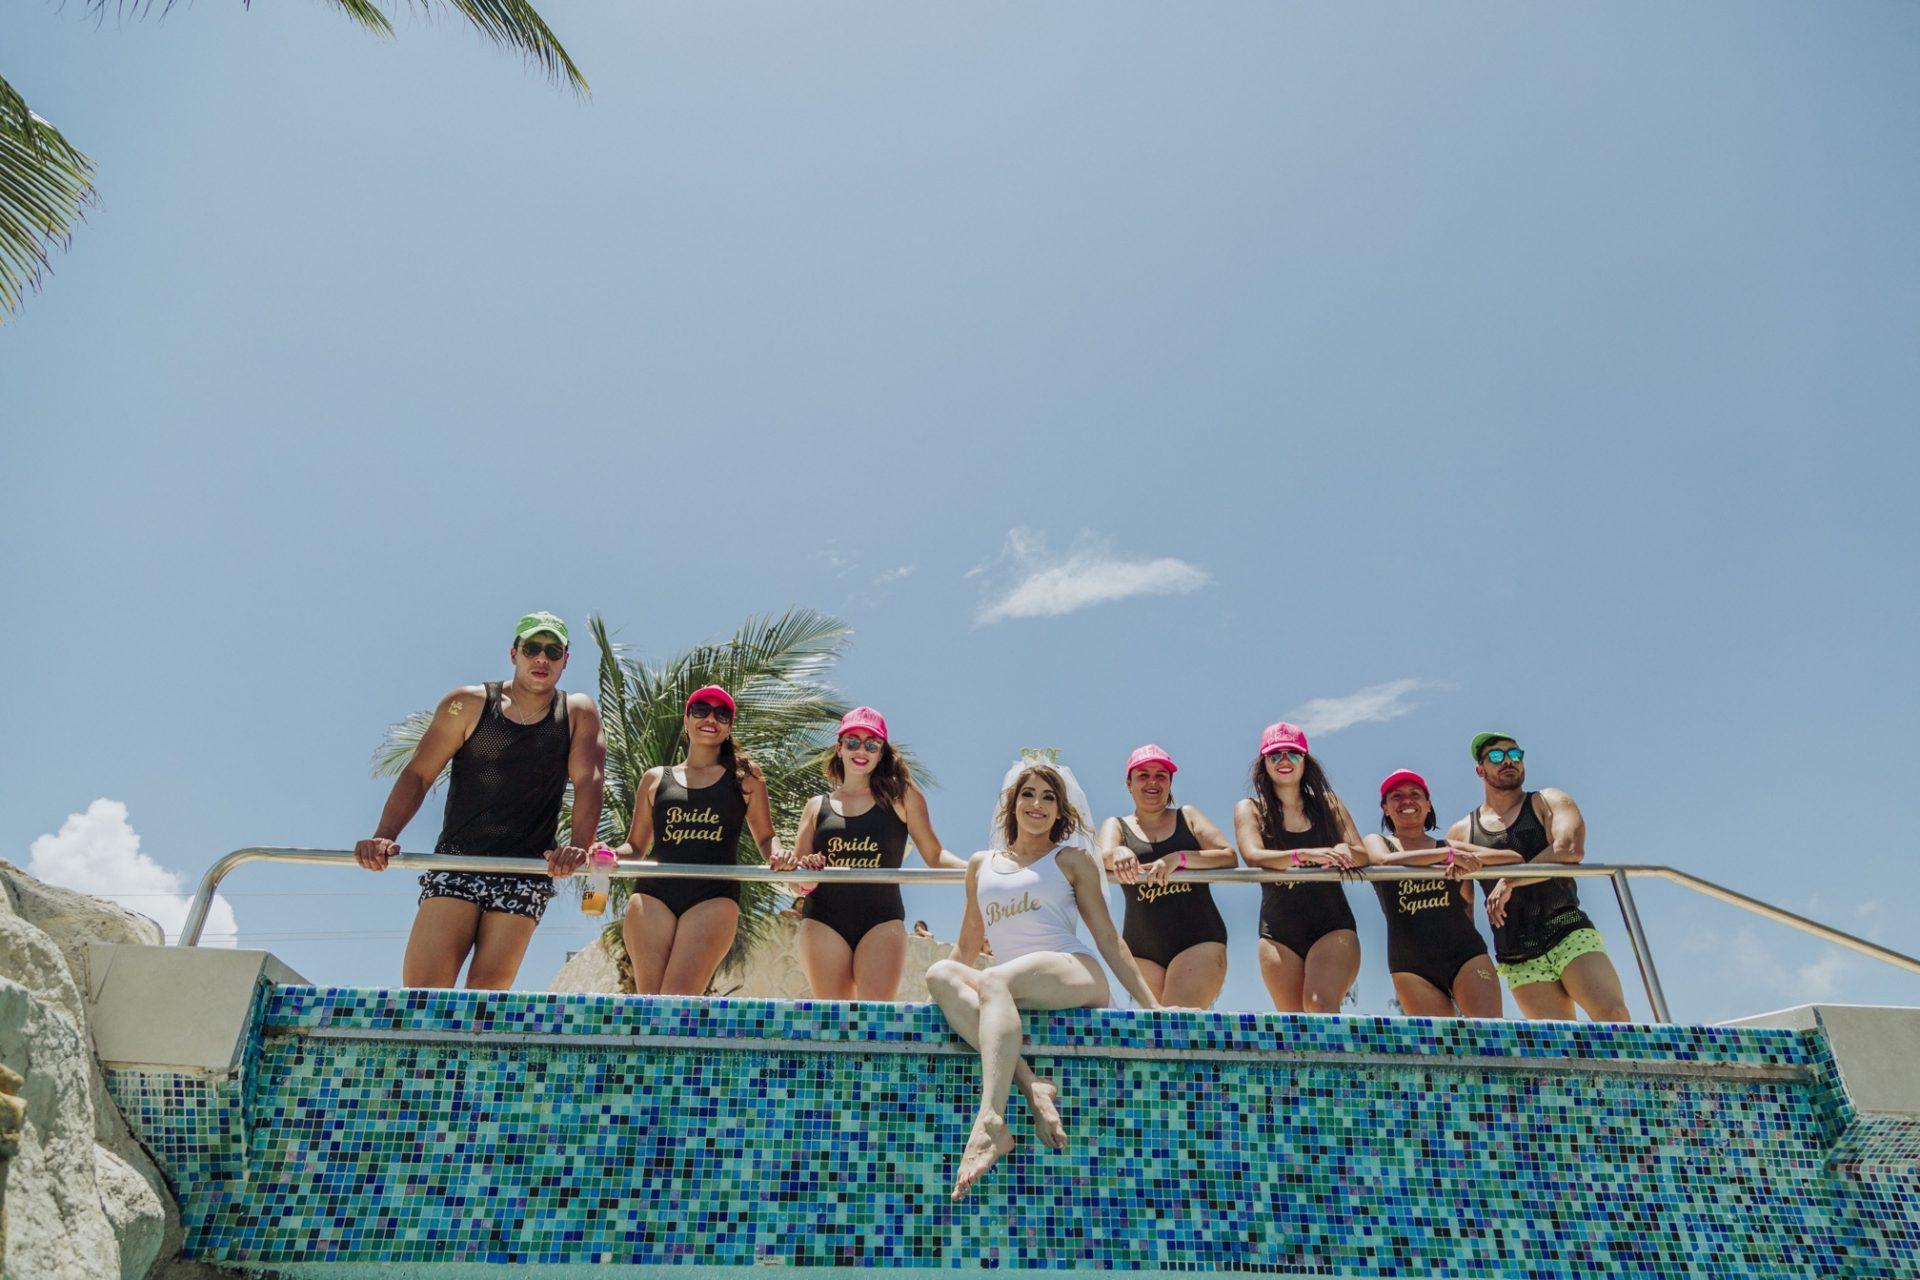 fotografo_bodas_profesional_zacatecas_riviera_maya_cancun-184